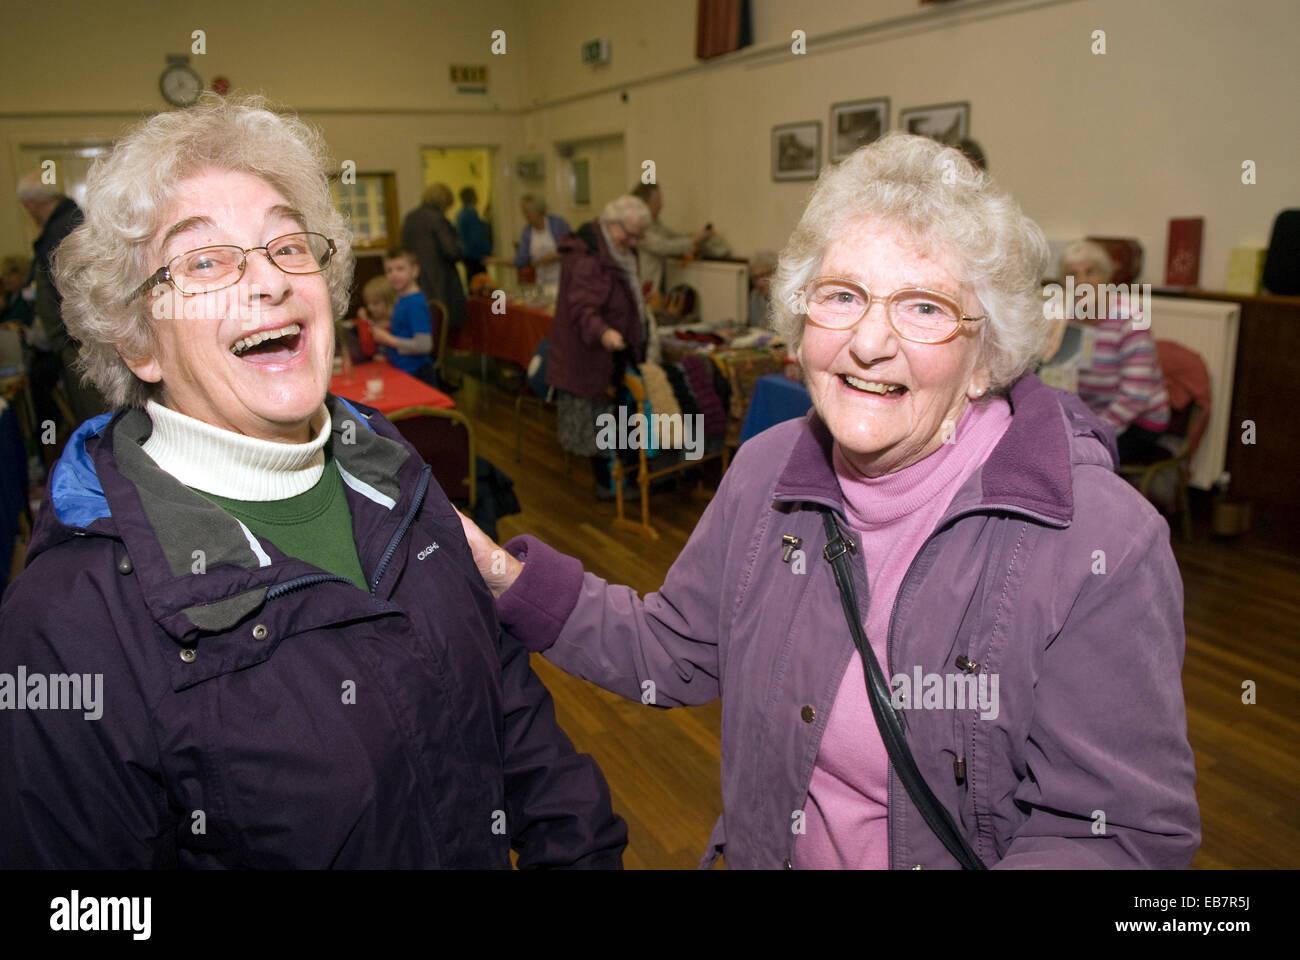 Smiley due anziane signore a natale il mercato coperto, liphook, hampshire, Regno Unito. Foto Stock